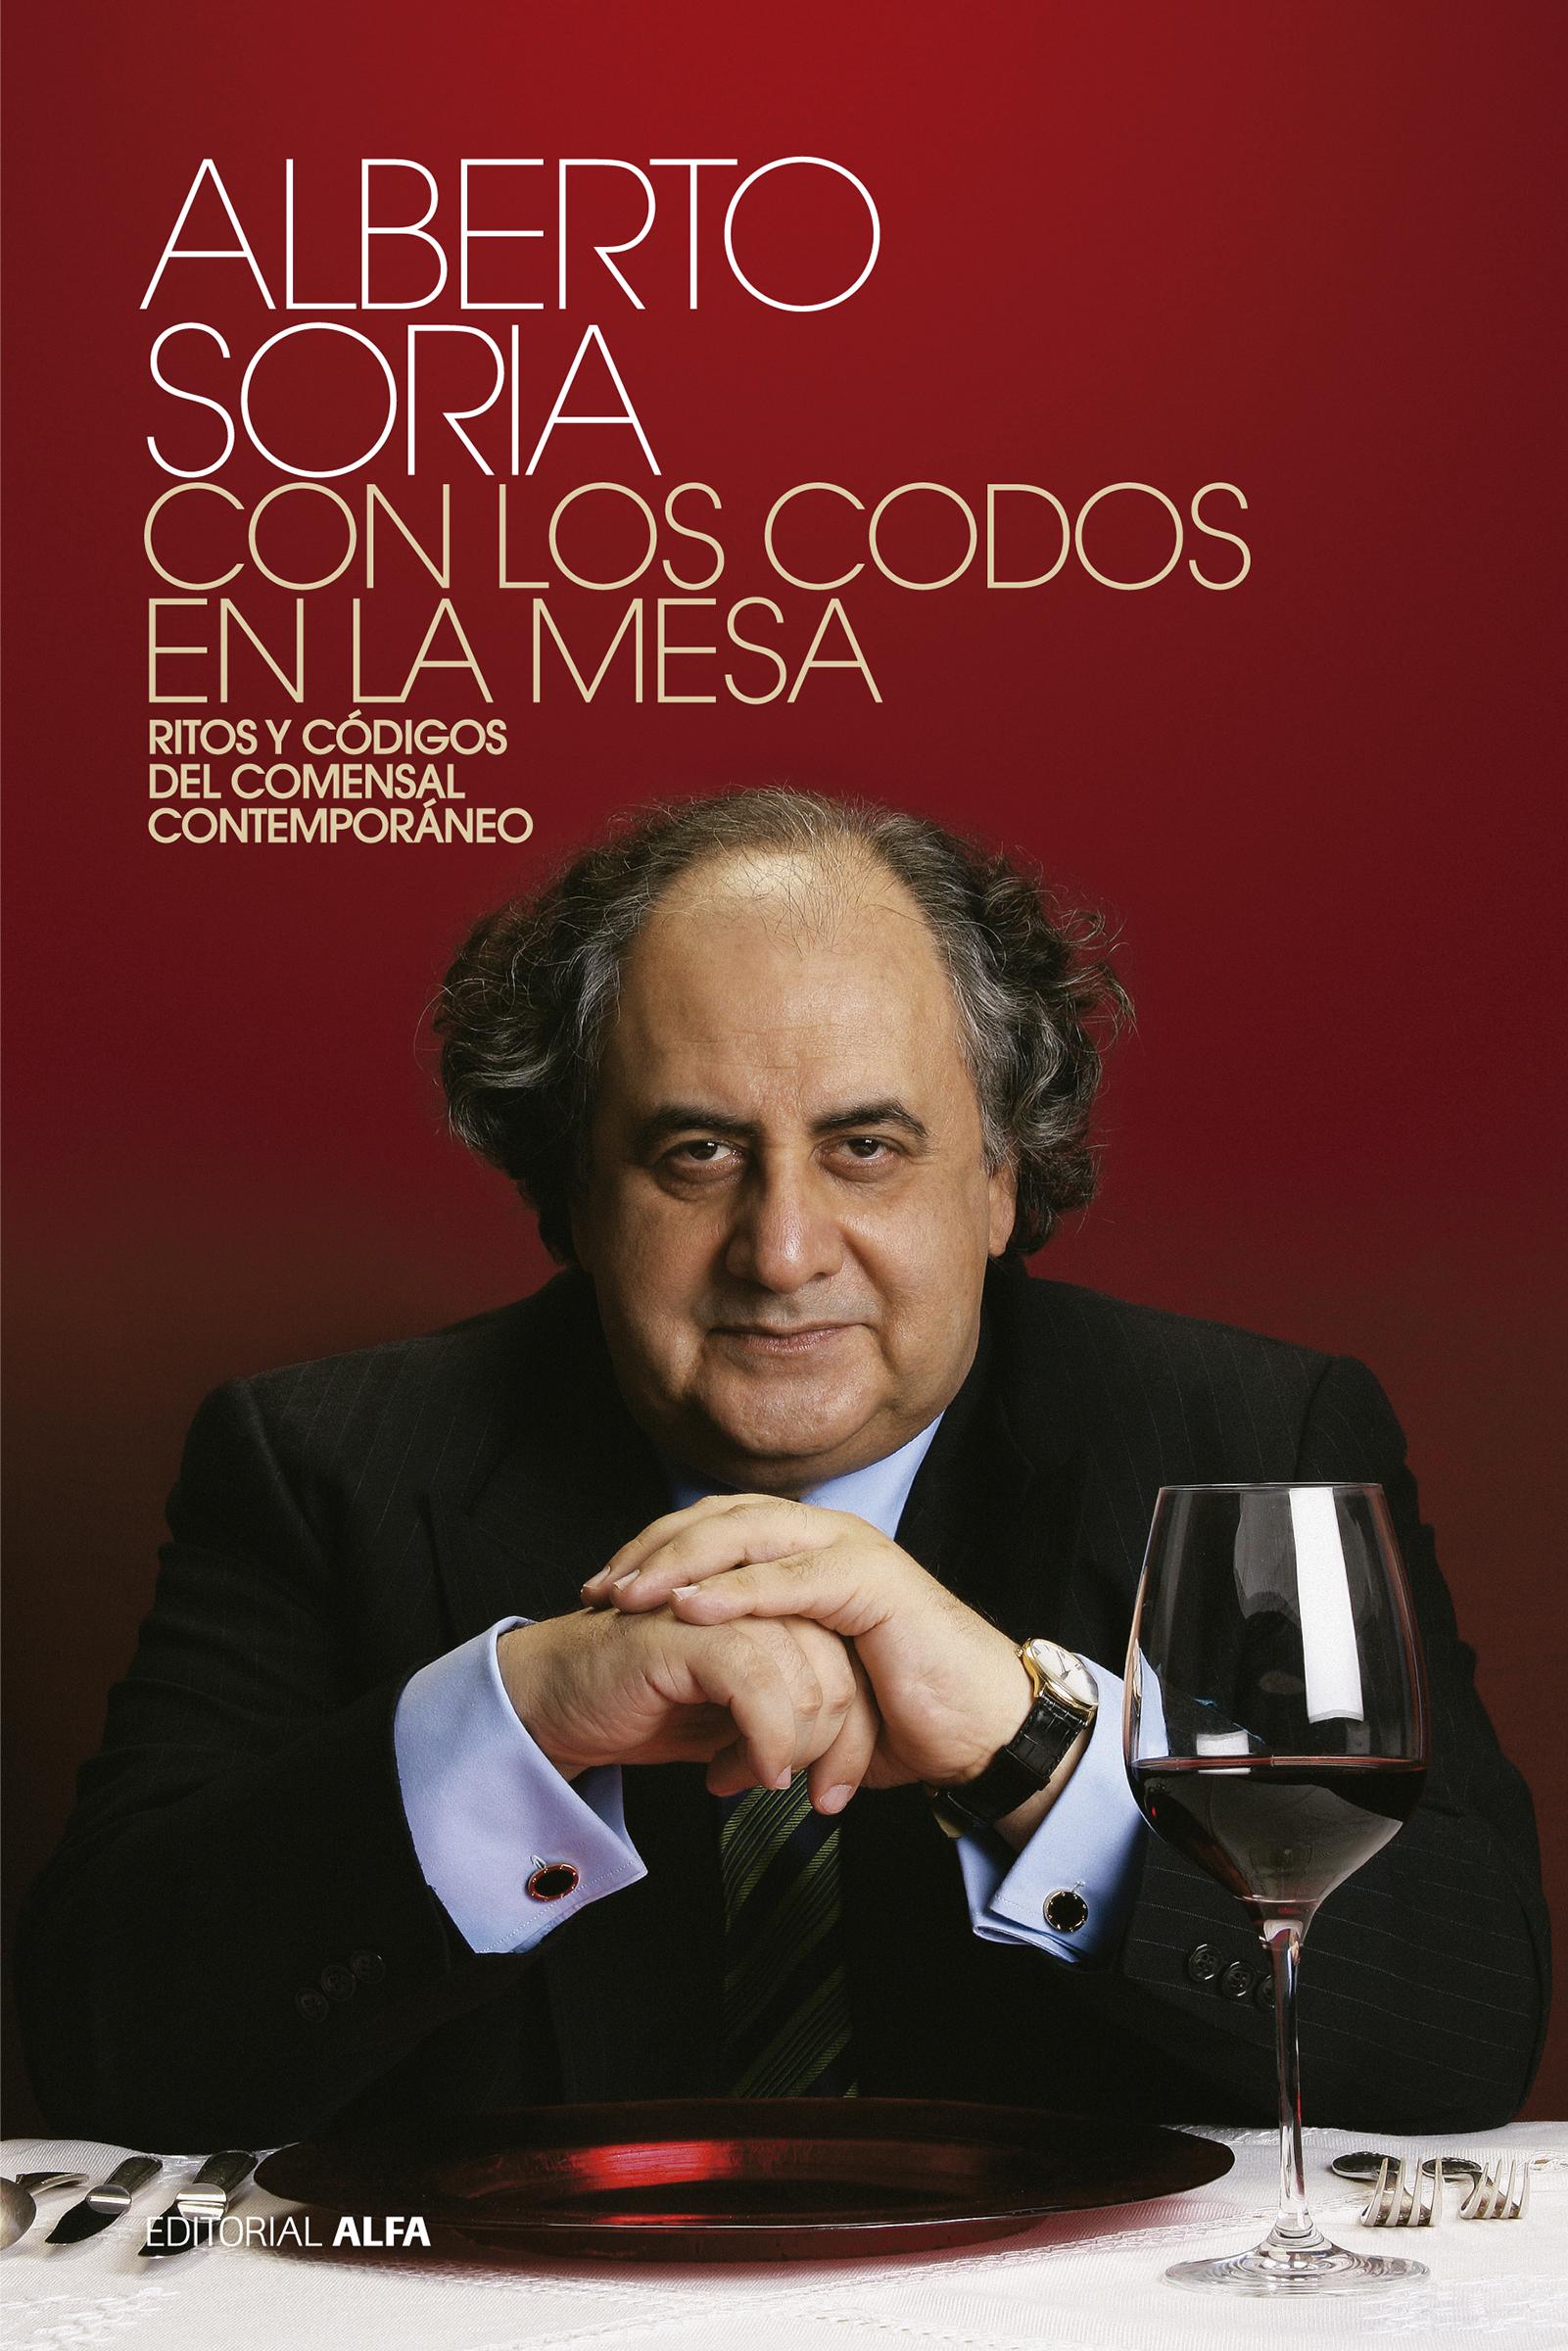 Alberto Soria Con los codos en la mesa